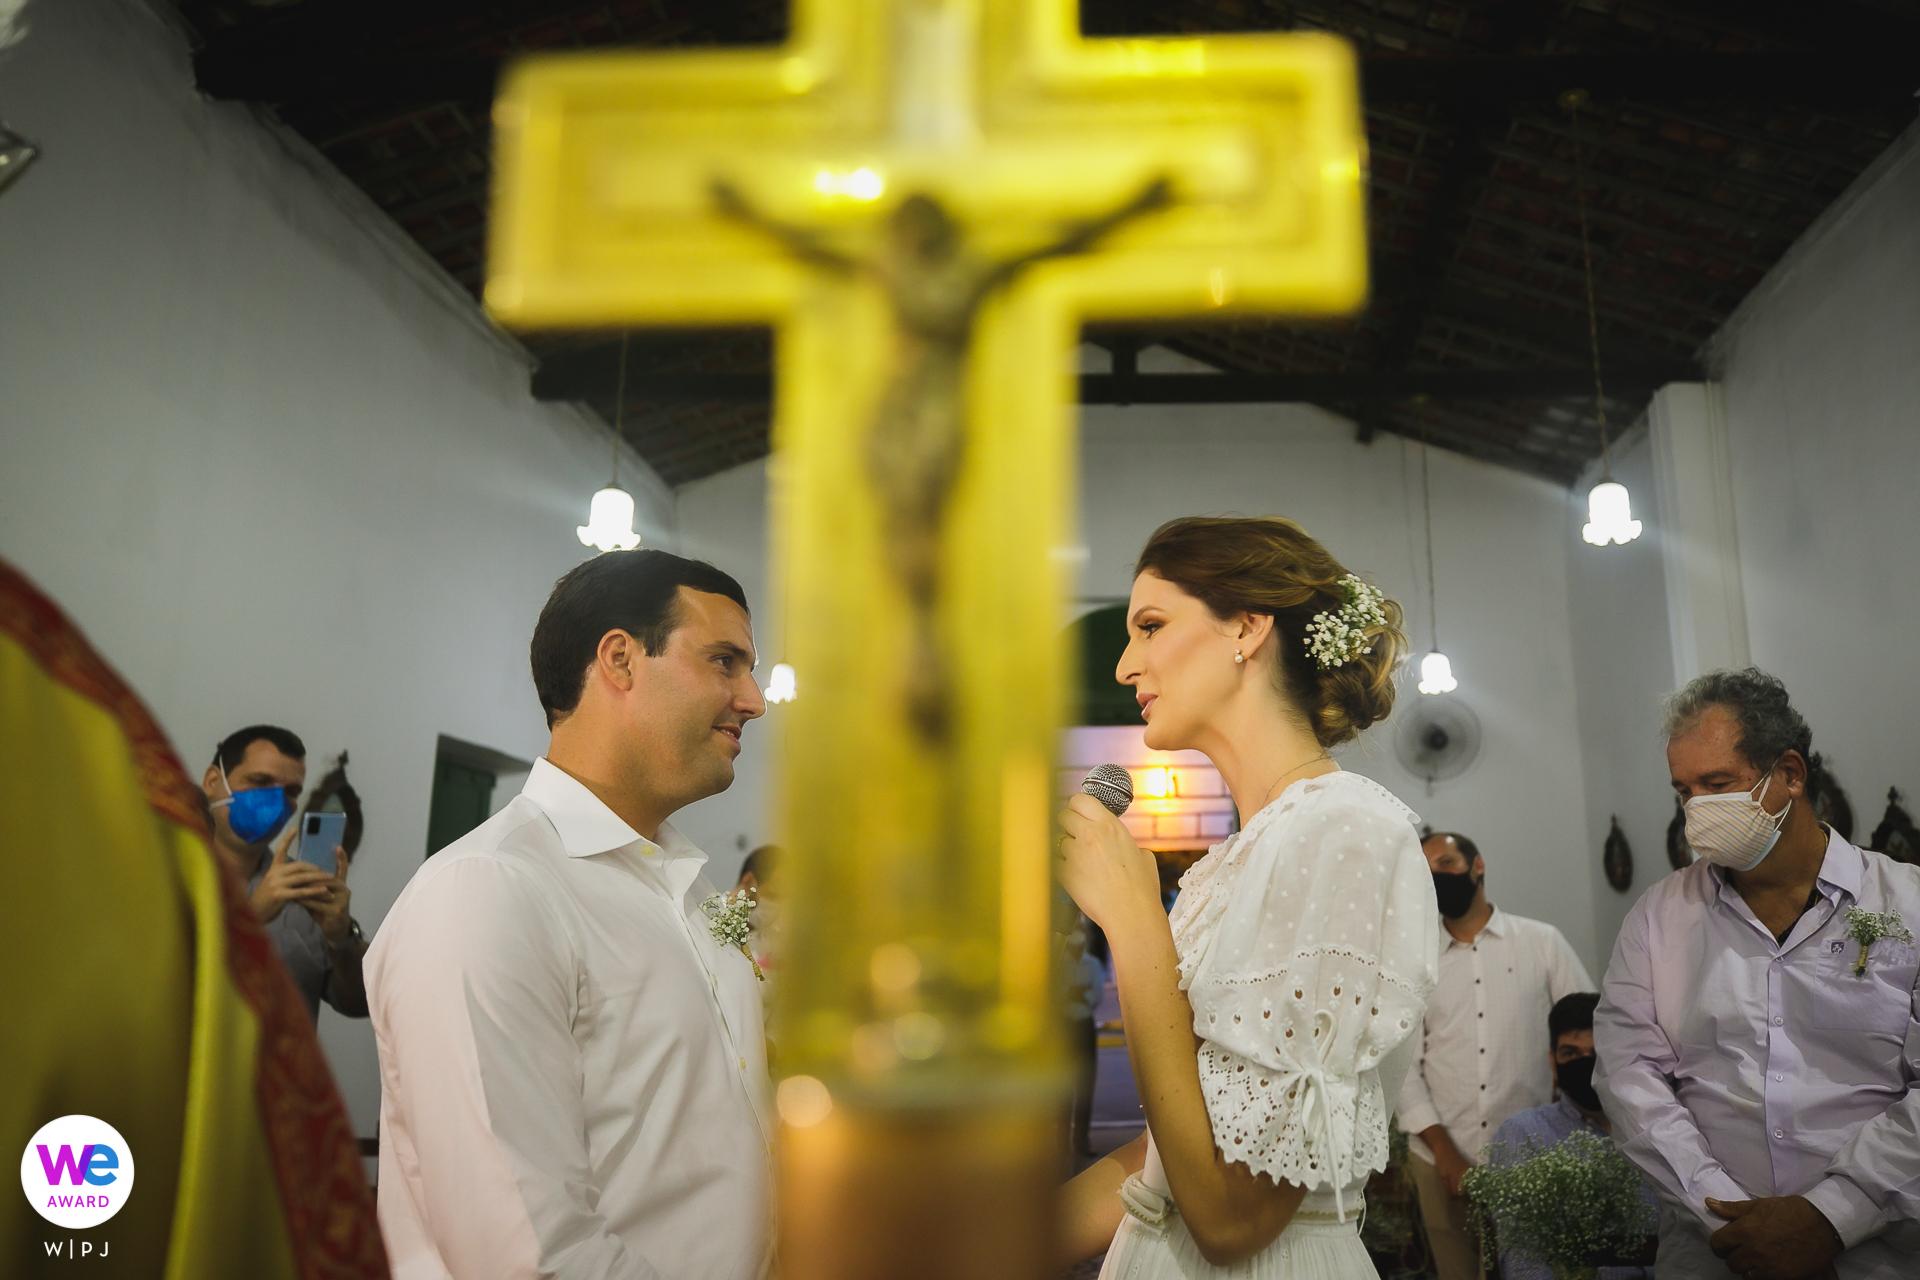 Photo de la cérémonie de l'église à Sao Goncalo à Maceio, Alagoas | le crucifix est le point focal central